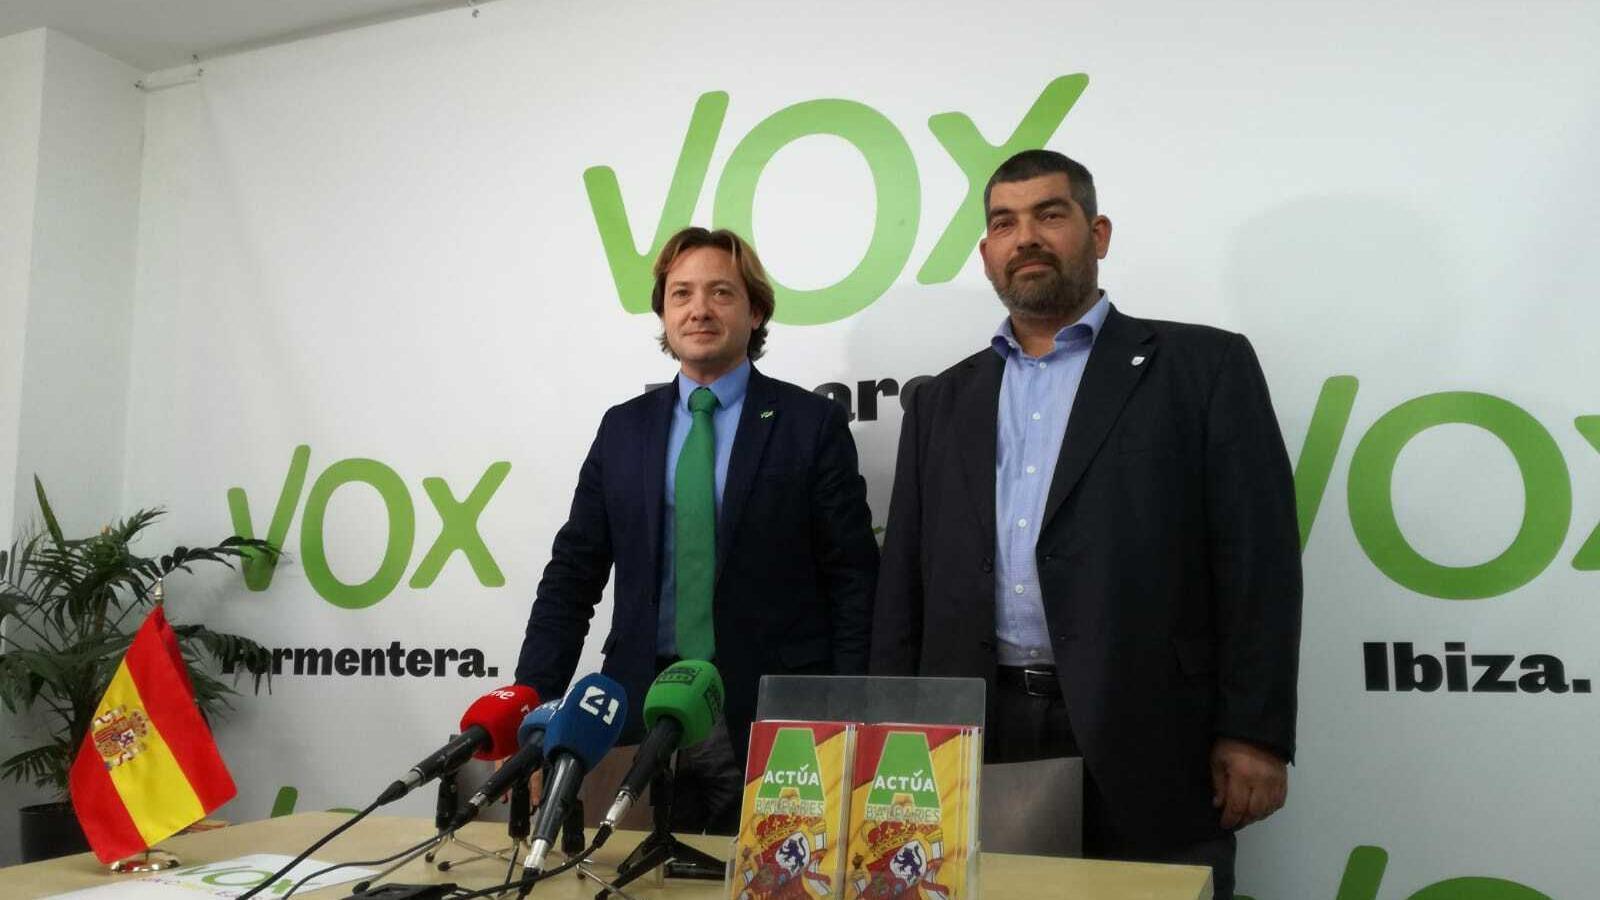 VOX presenta com a candidat al Consell un caçador sense programa